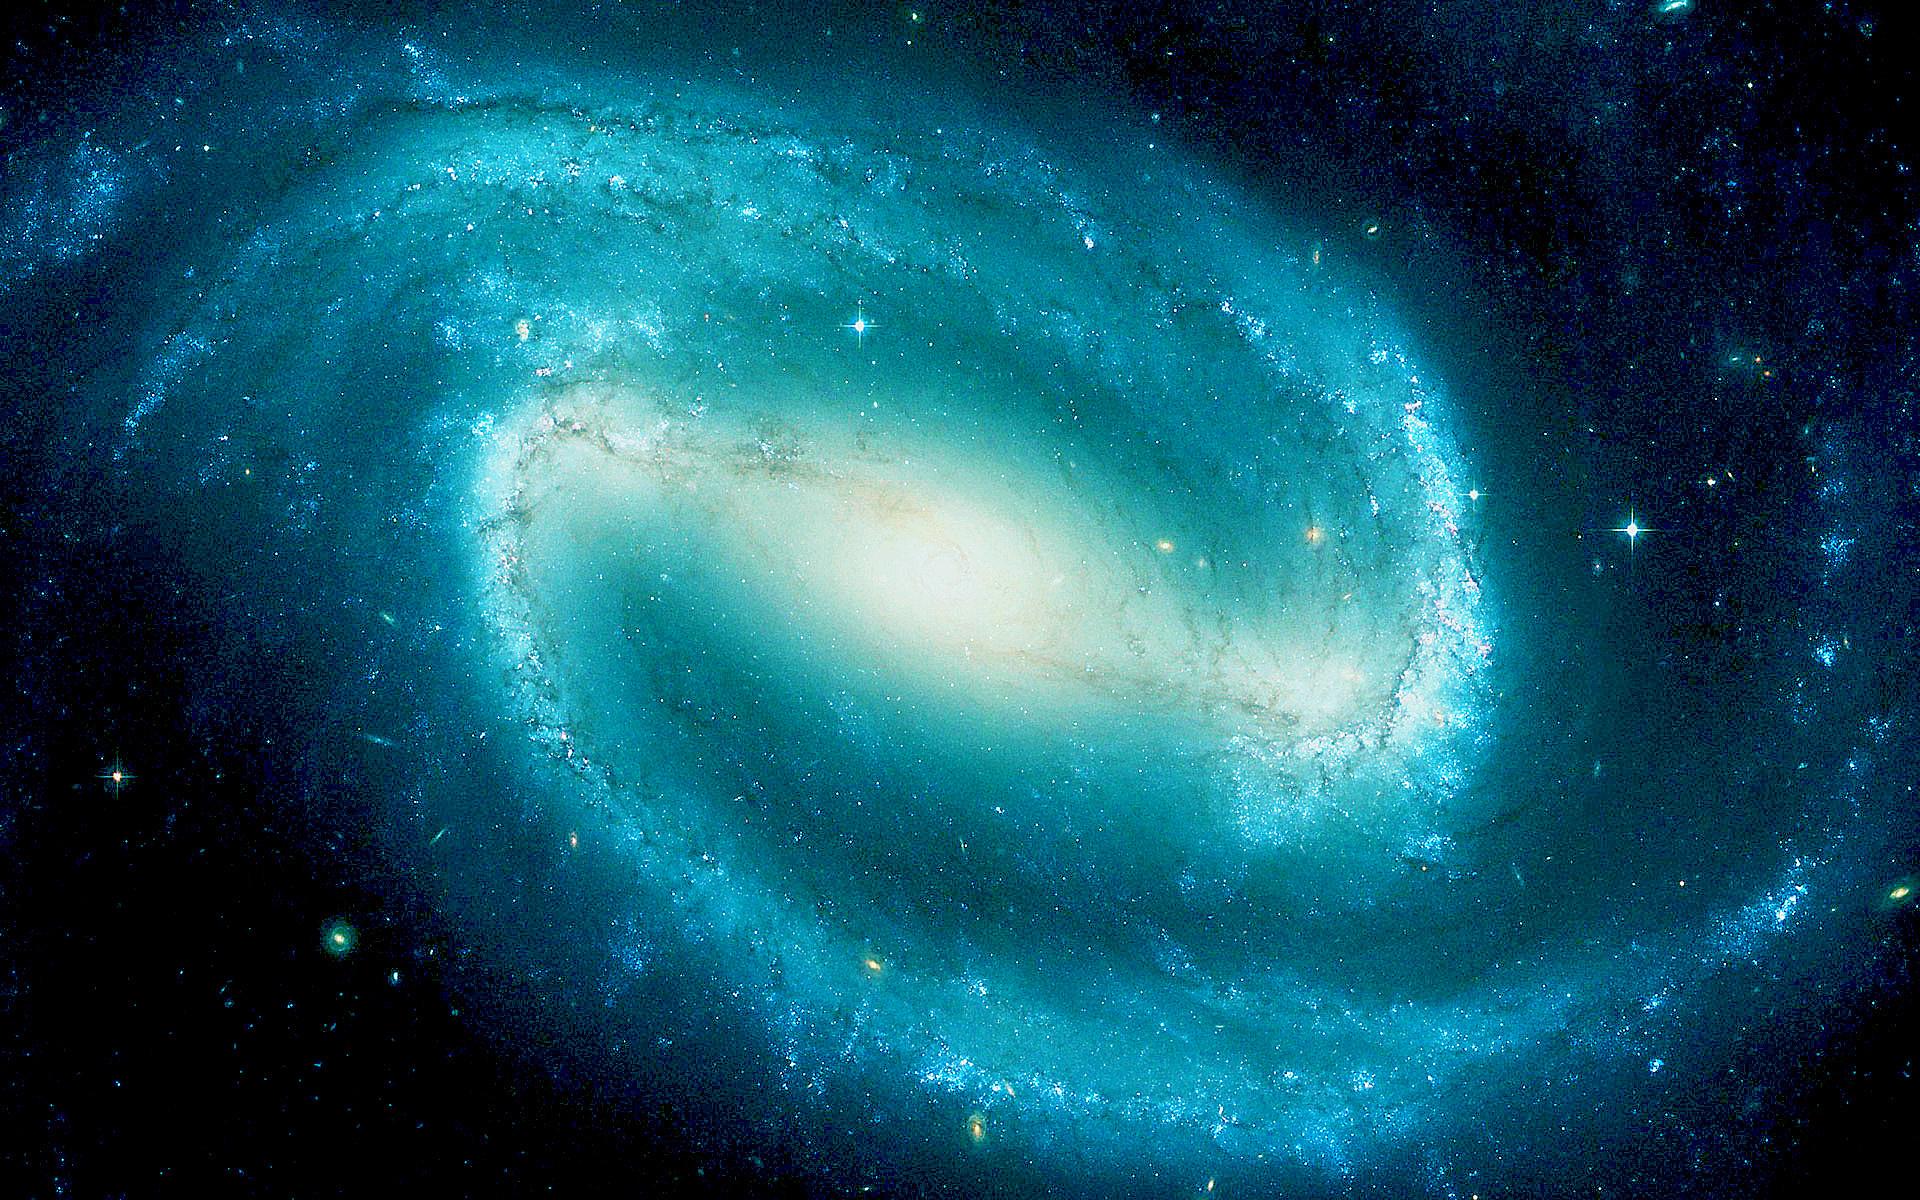 поздравления с галактики ровесник москвы, однако